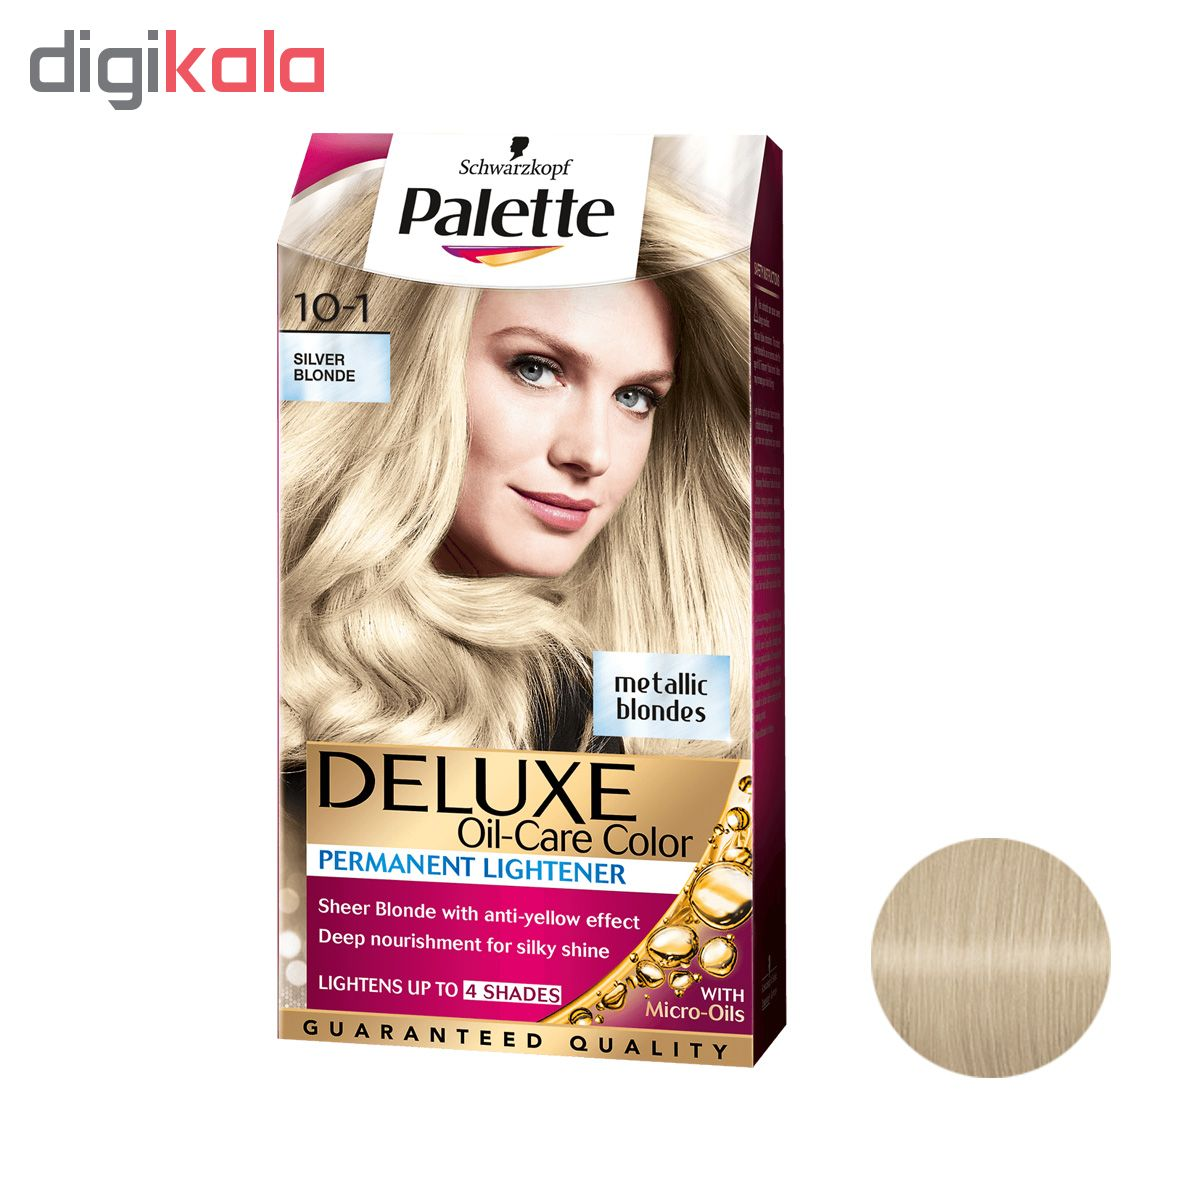 کیت رنگ مو پلت سری DELUXE شماره 1-10 حجم 50 میلی لیتر رنگ بلوند نقره ای